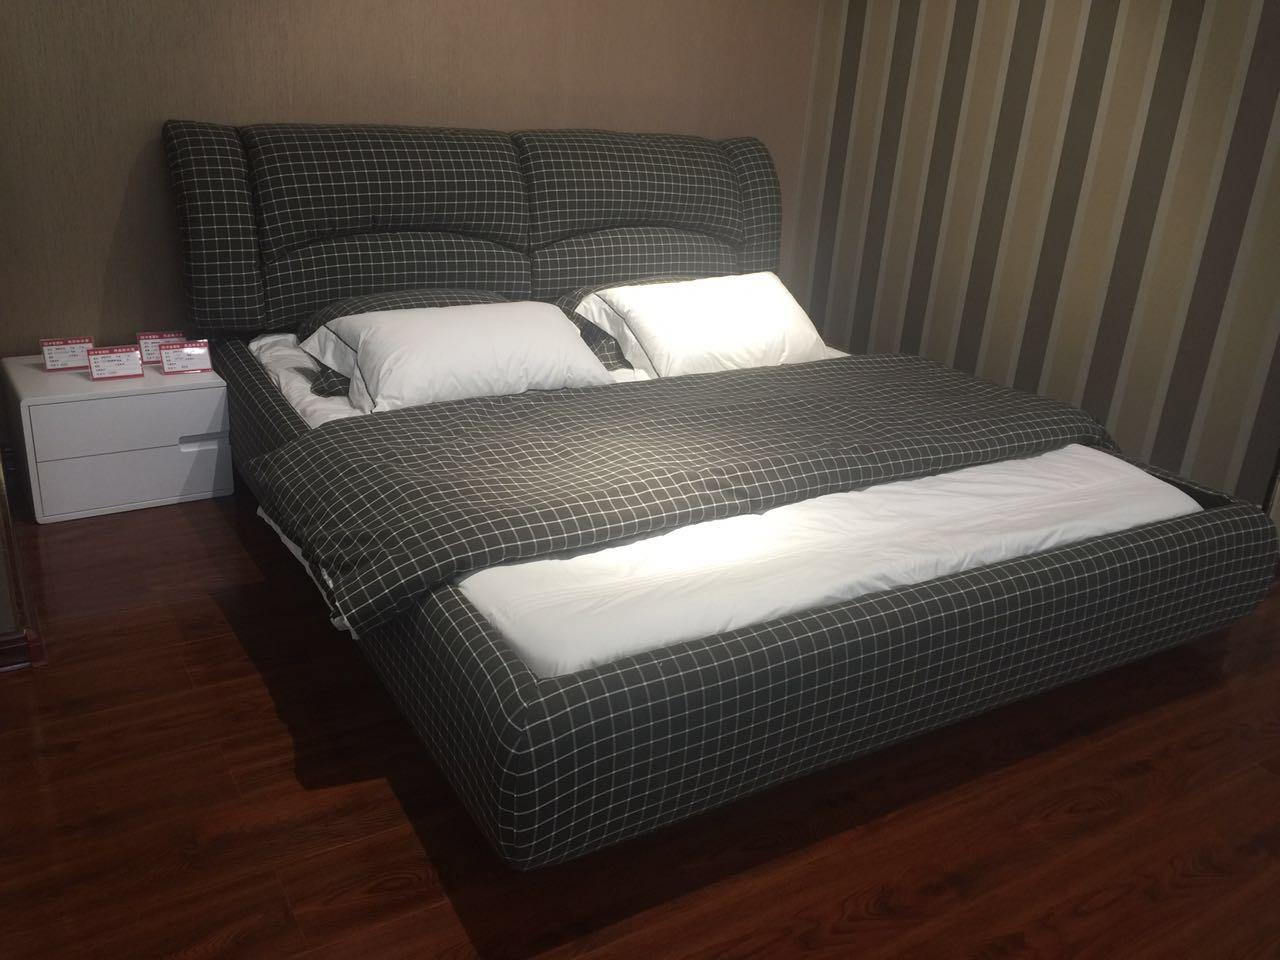 三e椰棕床垫好不好,什么是三e床垫?